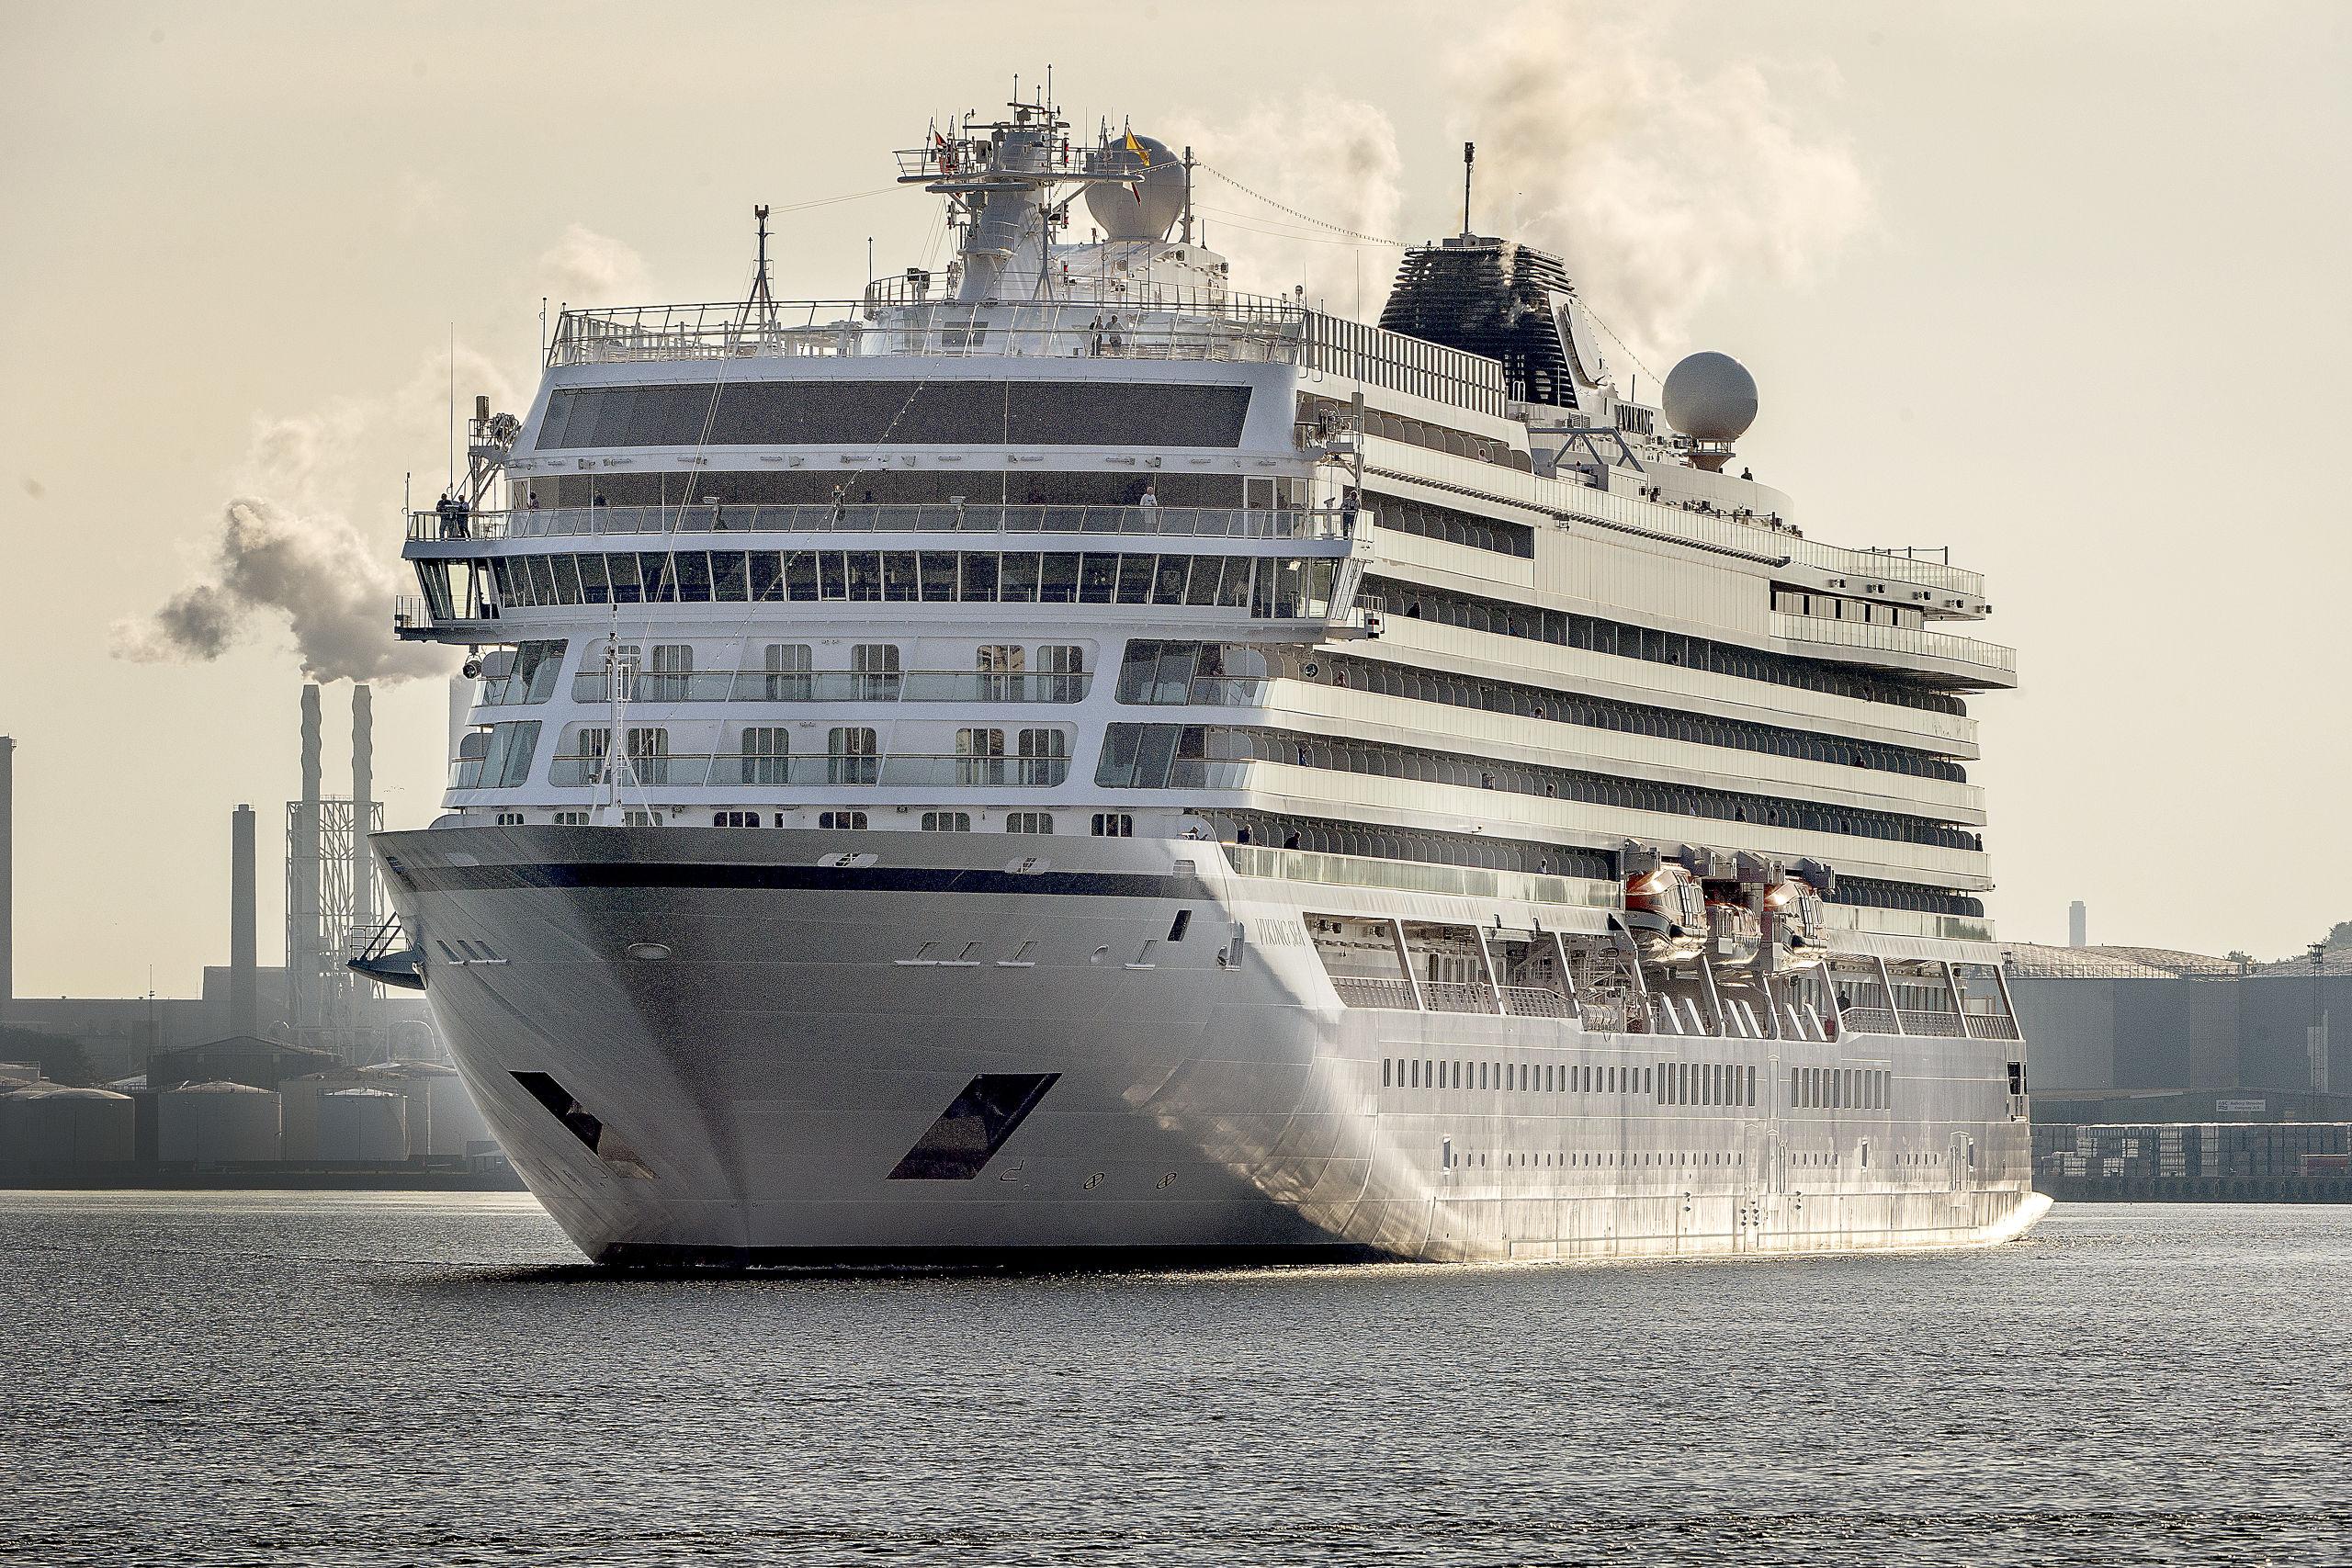 Det er slet og ret et ganske imponerende og smukt syn, når havets kæmper og flydende hoteller glider majestætisk ind i Aalborg Havn, hvor de sædvanen tro lægger til kaj ved Honnørkajen. Her er det det gode skib 'Viking Sea', der er på vej ind til kajen. Og det er i øvrigt netop 'Viking Sea', der skyder den ny krydstogtsæson i gang her i 2019, når hun anløber Aalborg den 29. april. Arkivfoto: Lars Pauli